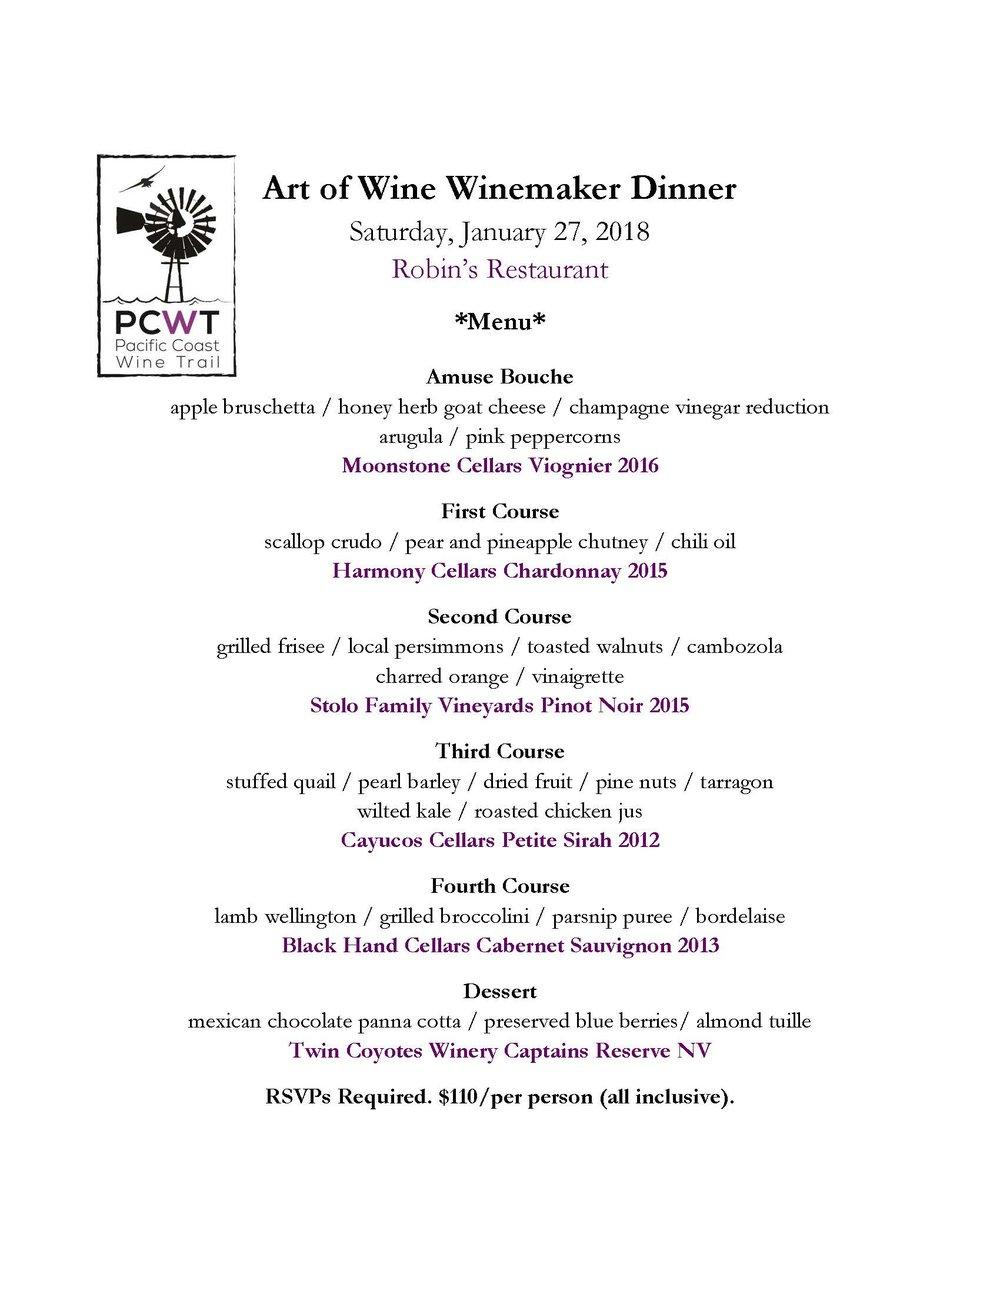 A&W DINNER MENU 2018.jpg